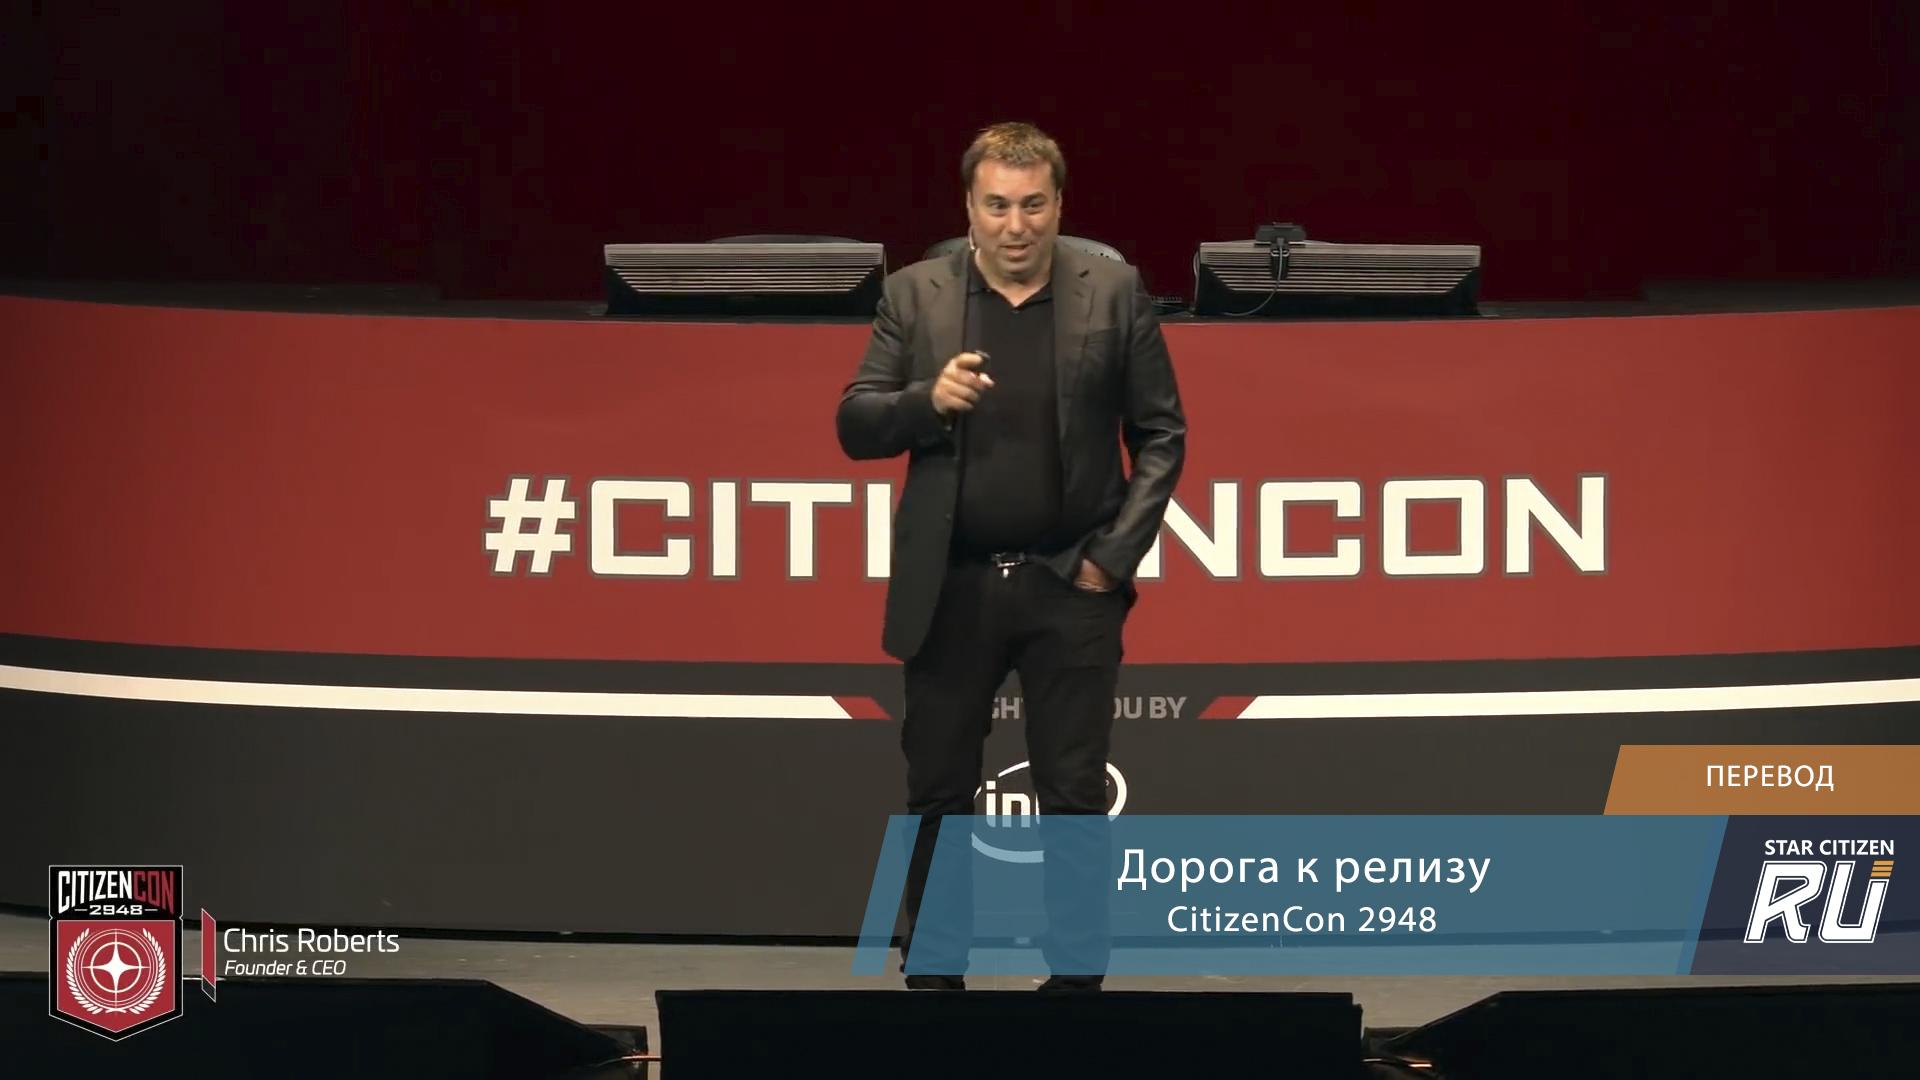 CitizenCon 2948 - Дорога к релизу